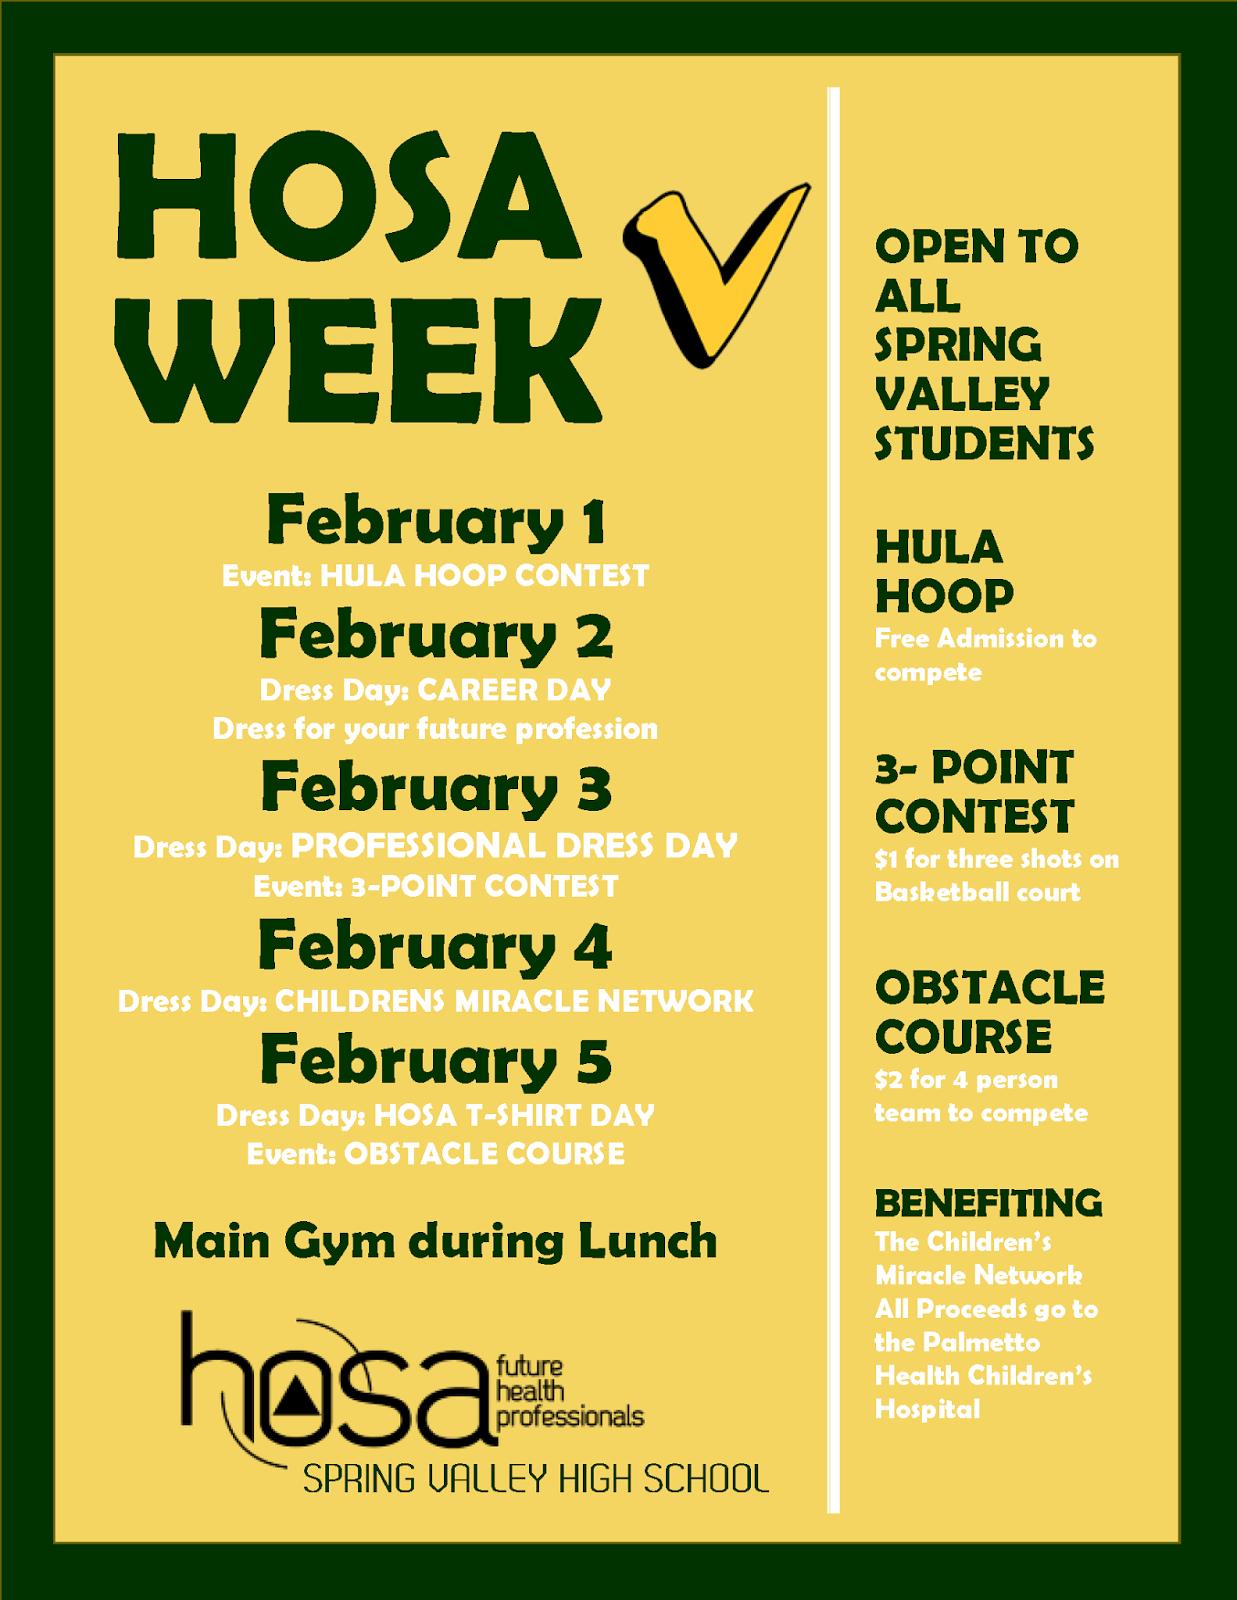 Viking Update: HOSA Week